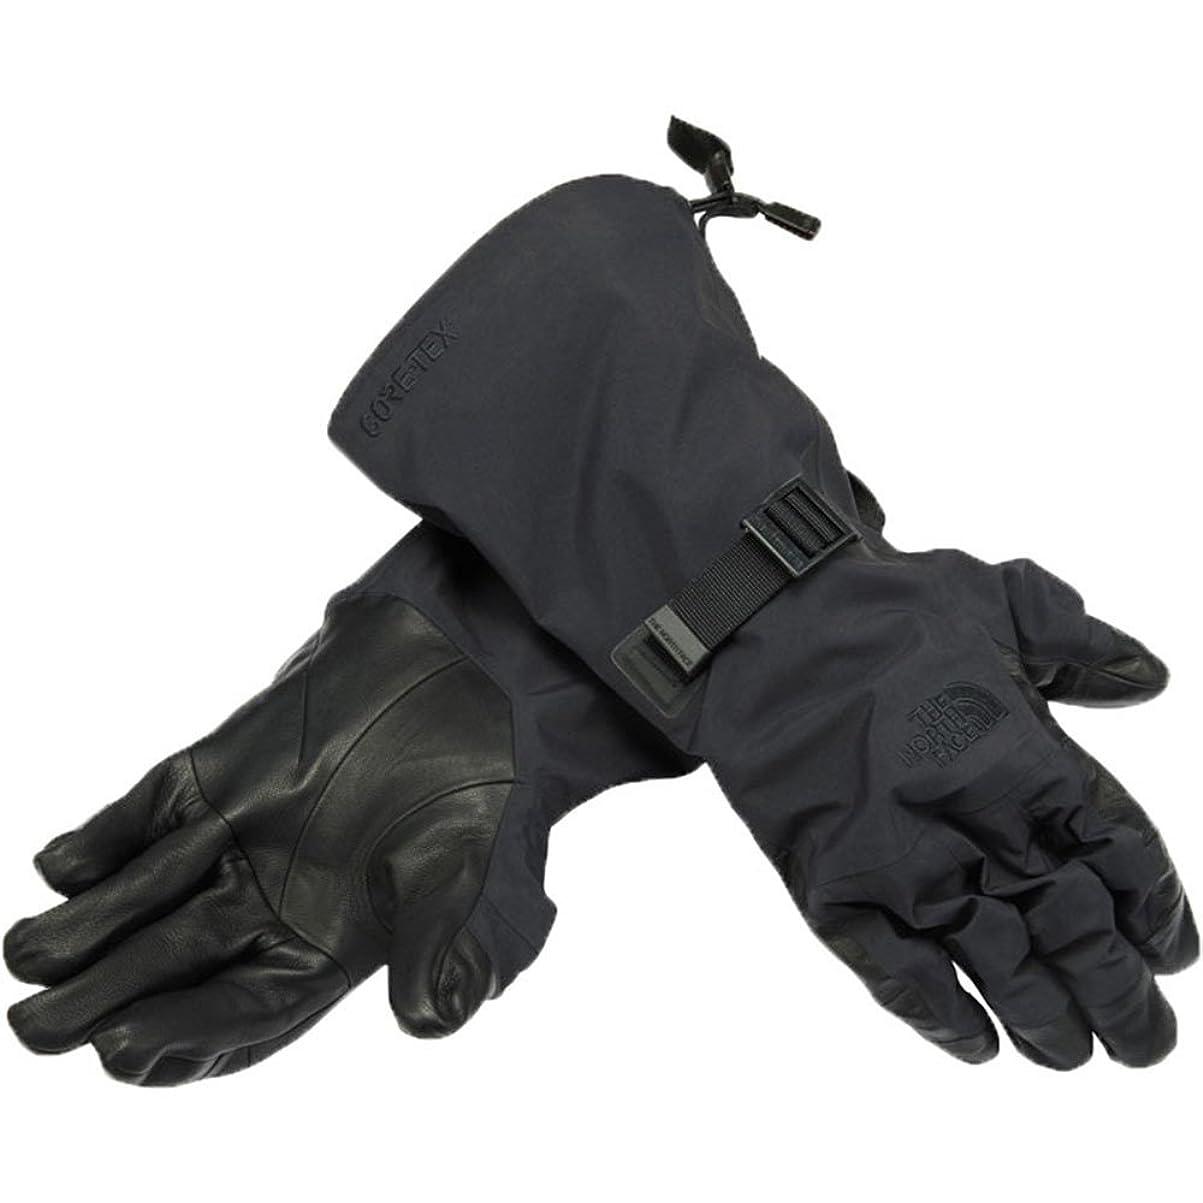 依存分布関係[ザノースフェイス] マウンテンガイドシェルグローブ MT Guide Shell Glove